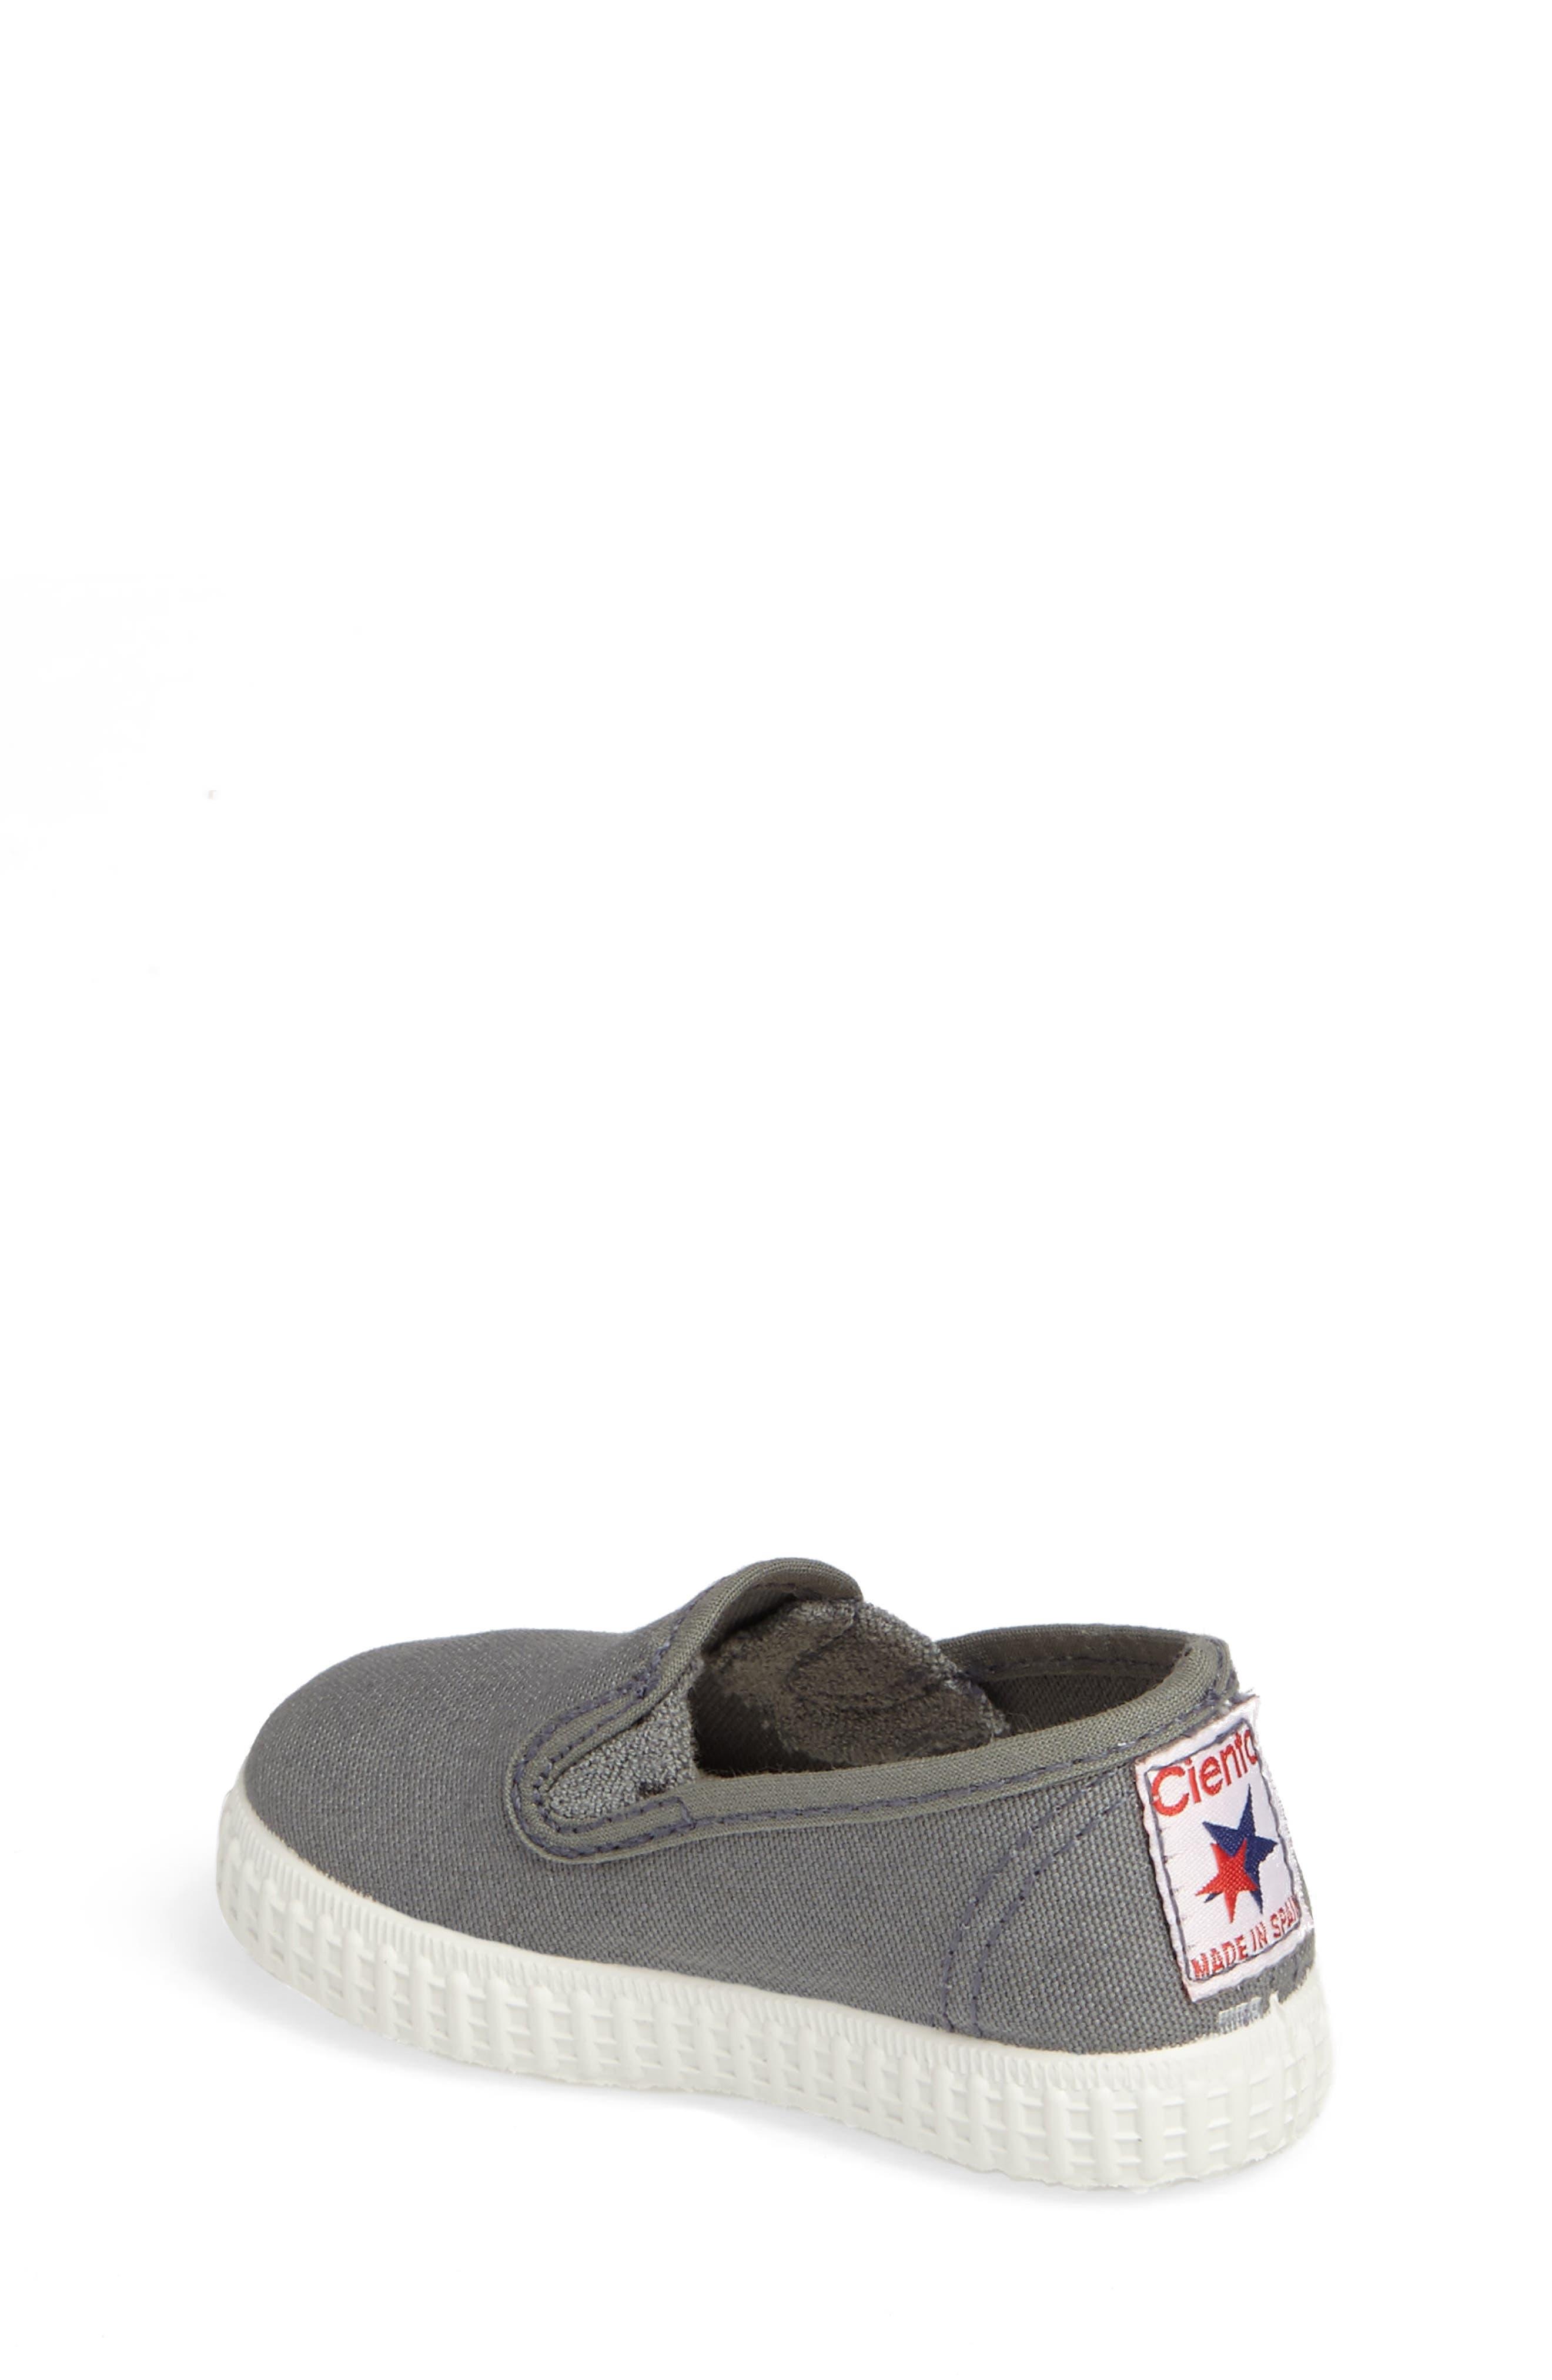 Slip-On Sneaker,                             Alternate thumbnail 2, color,                             Light Grey